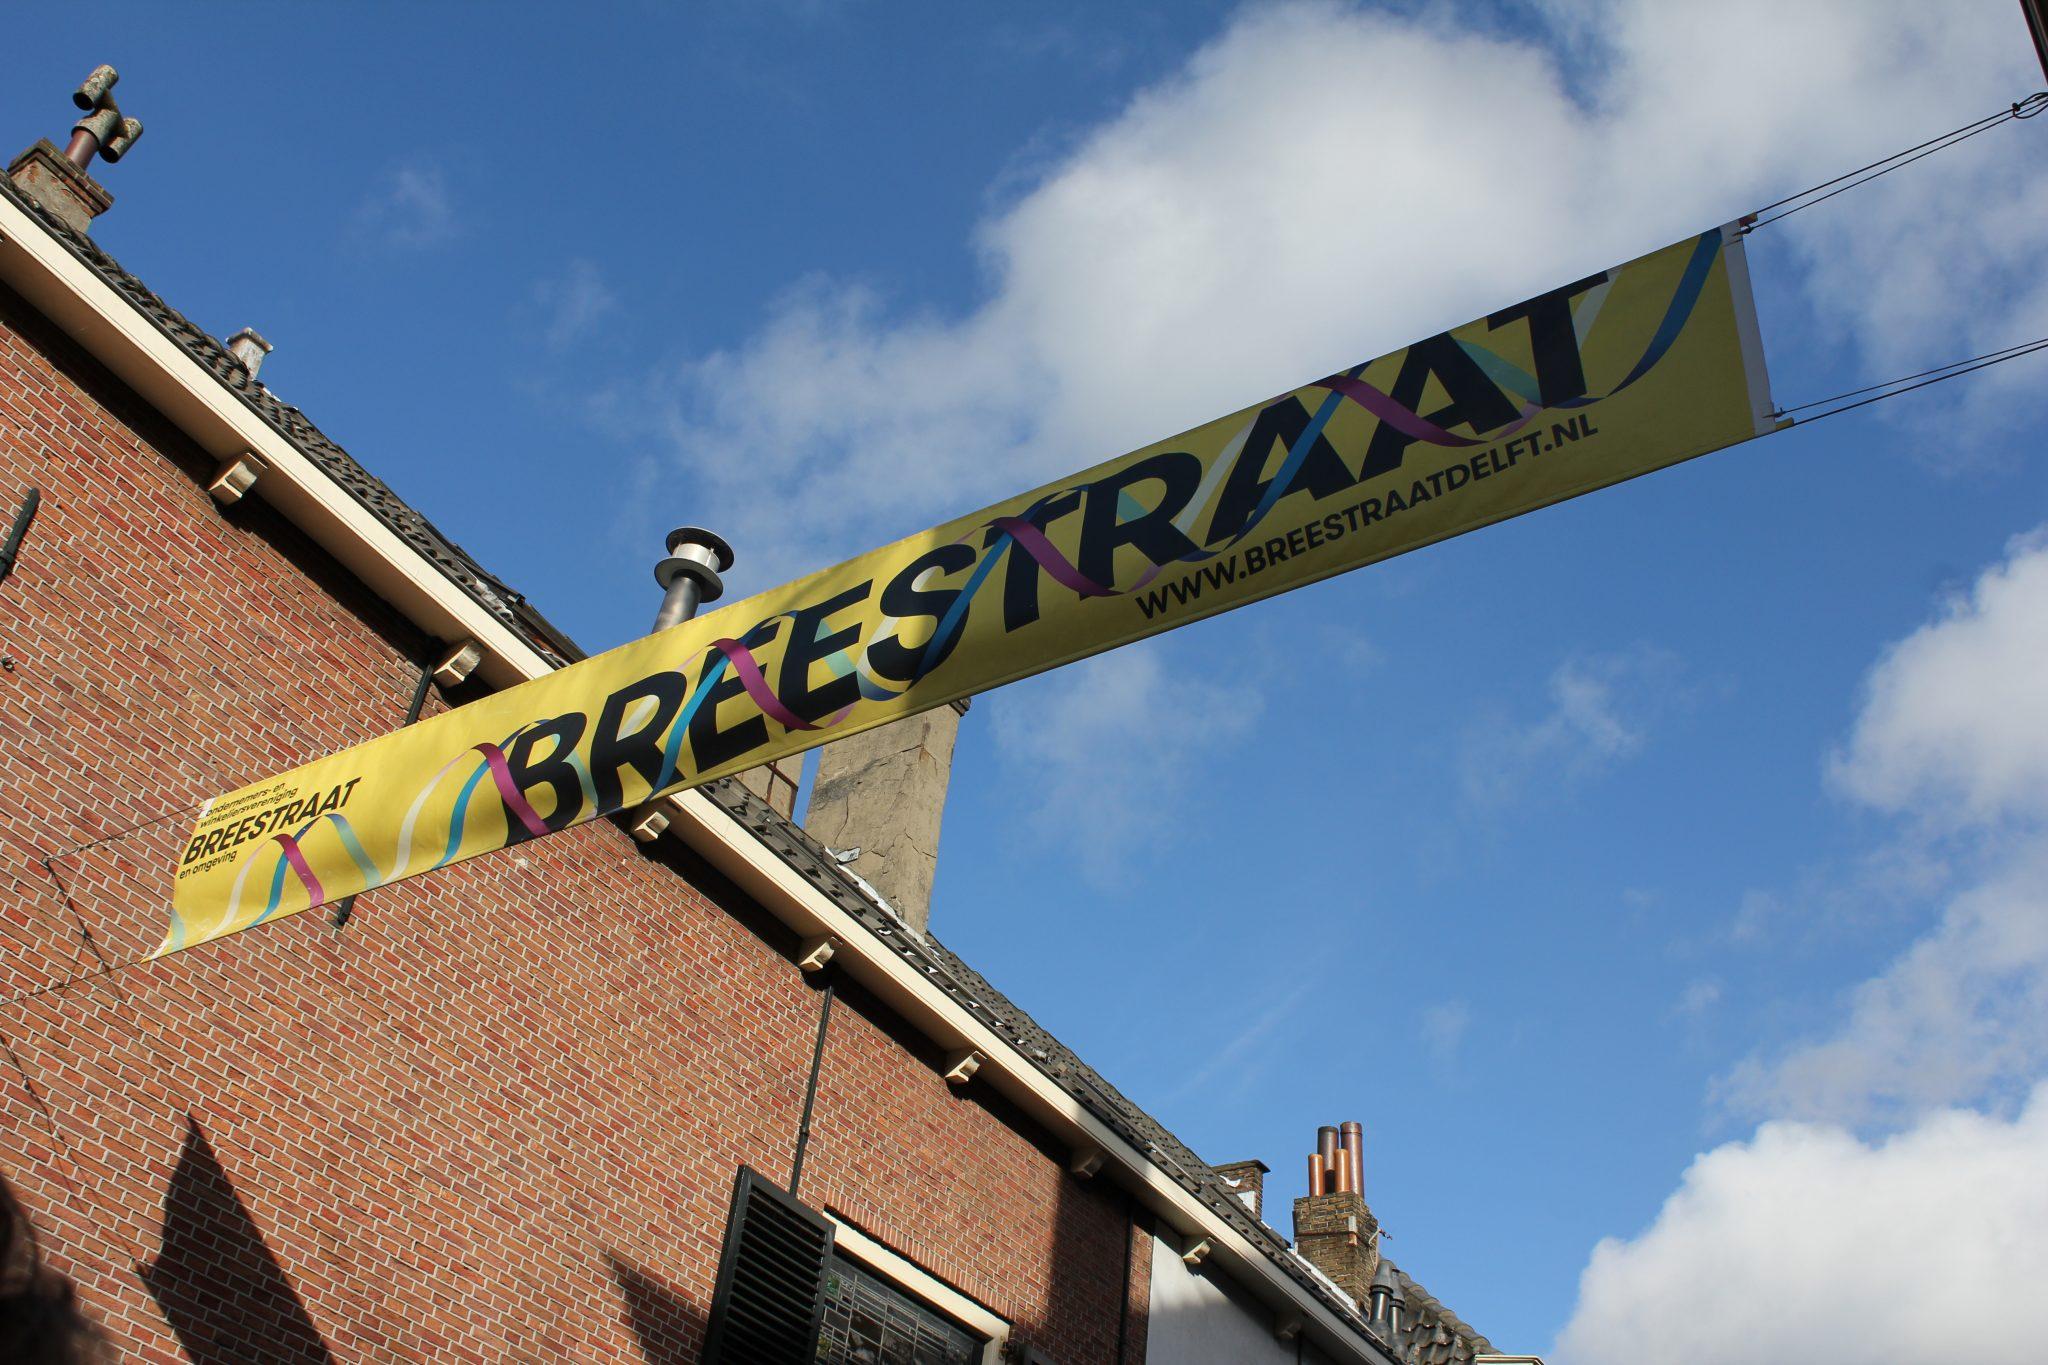 Breestraat Delft winkelstraat winkelen winkels winkeliers